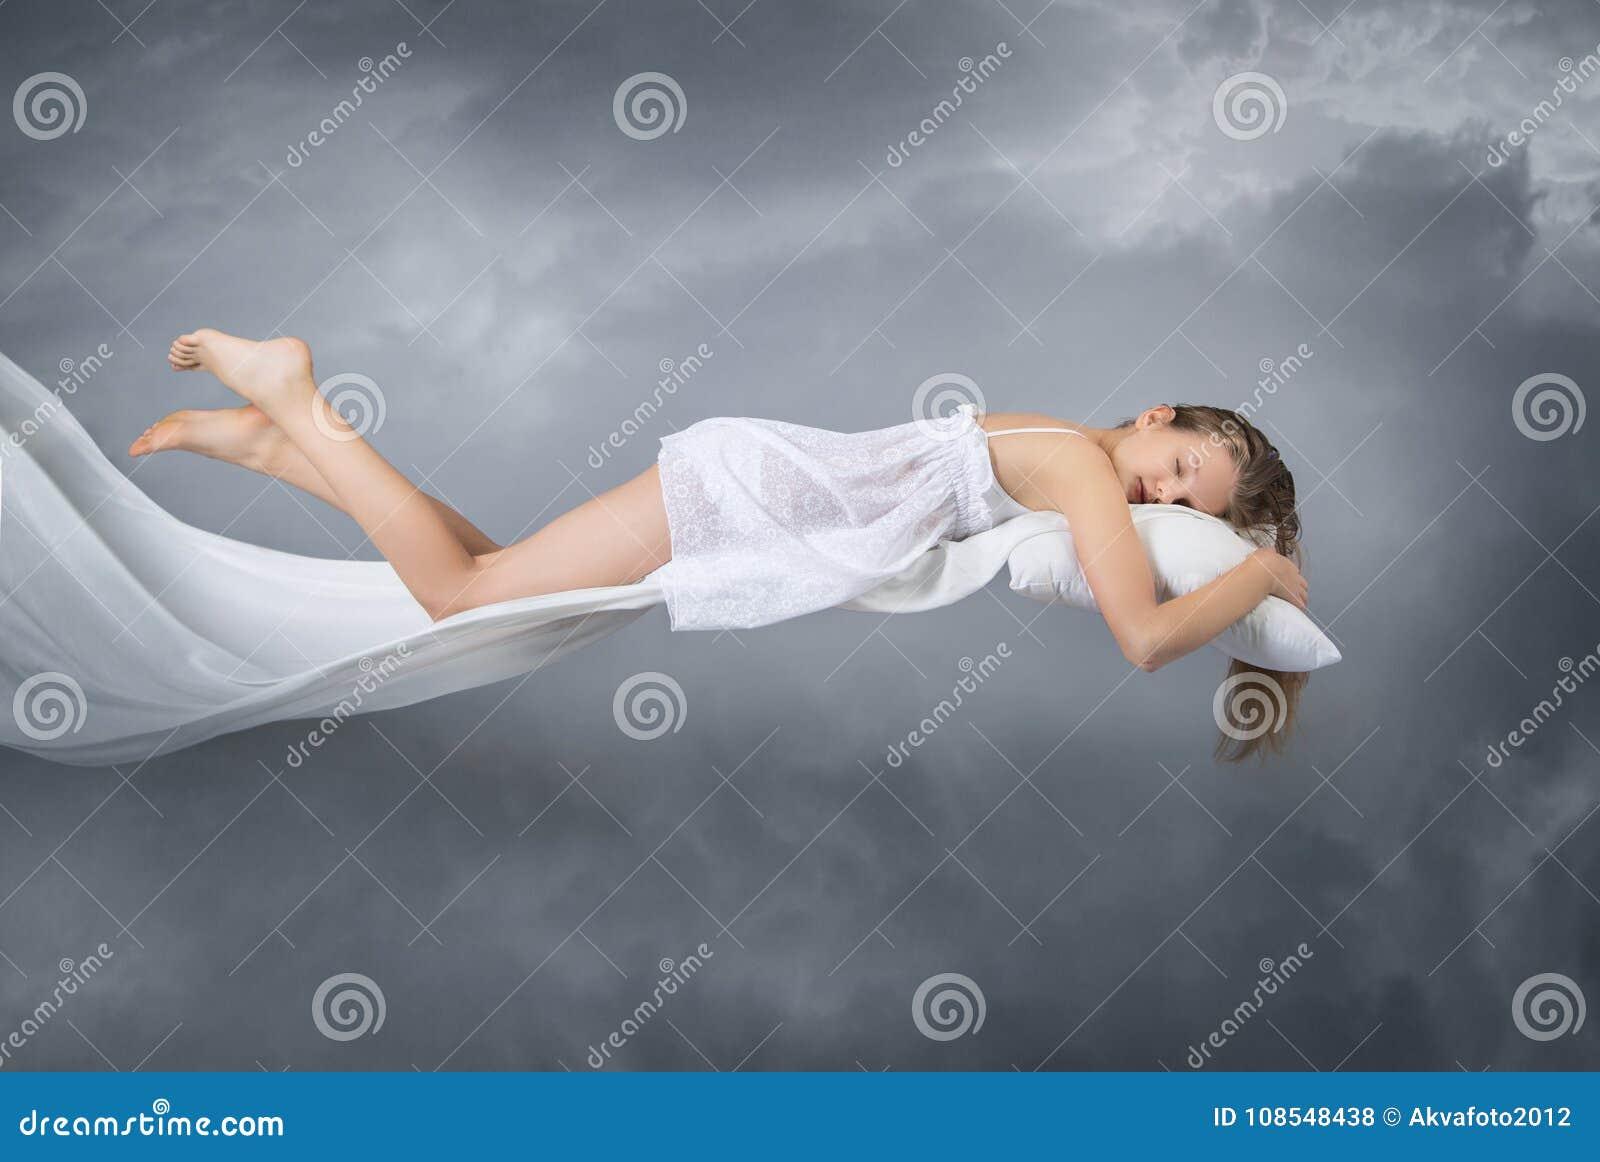 спать девушки мечт летание Облака на серой предпосылке